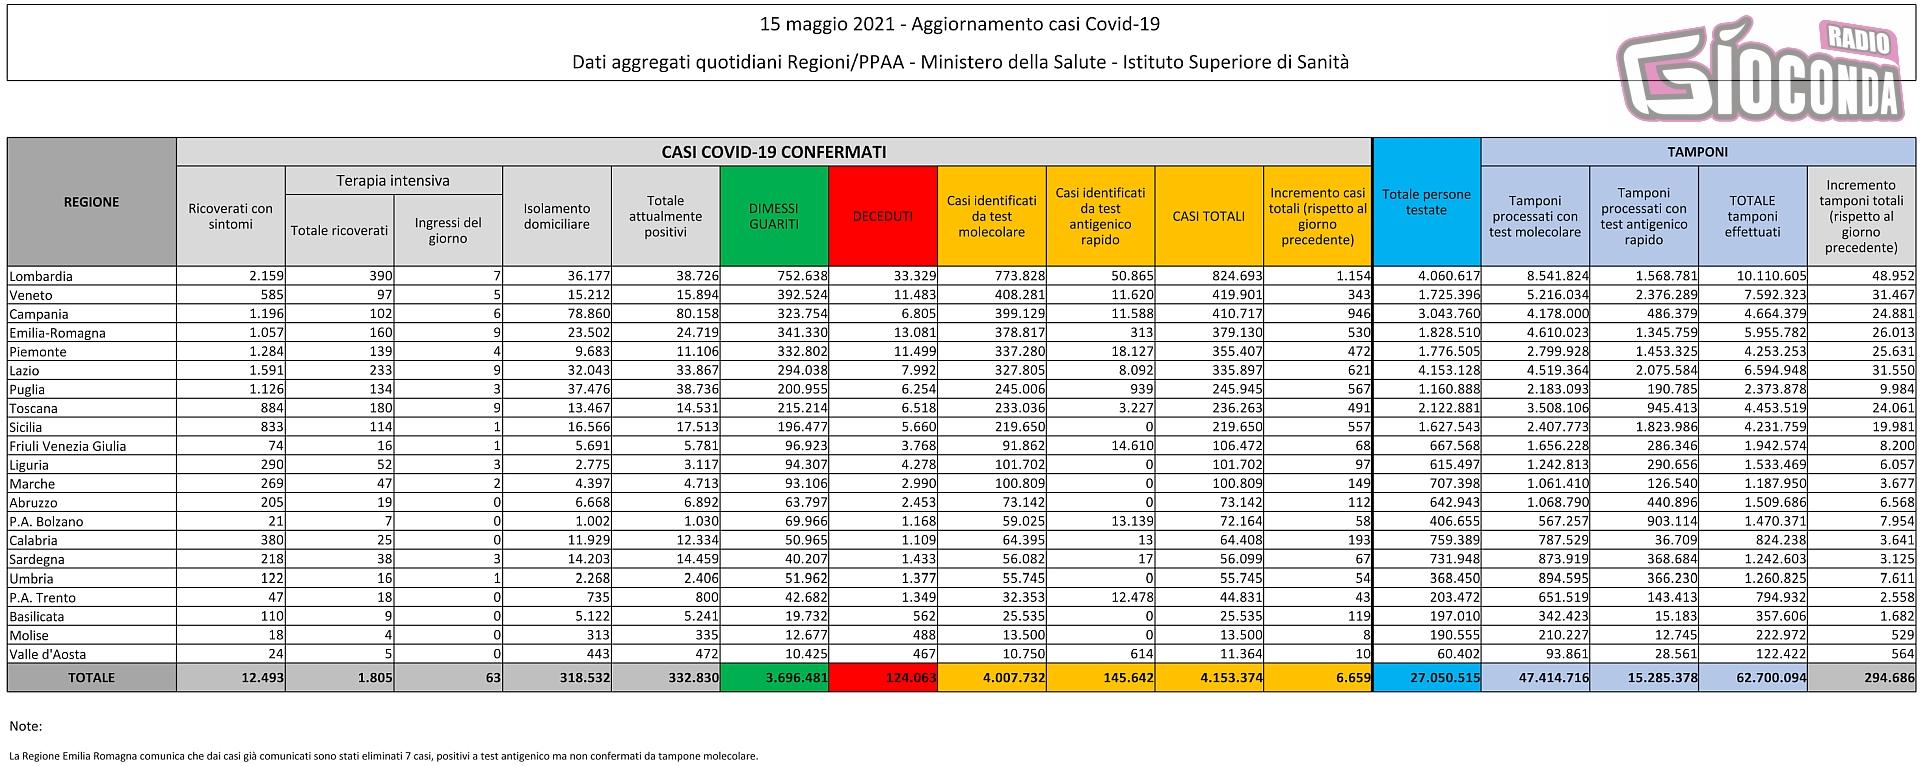 15 maggio 2021 - Aggiornamento casi Covid-19 Dati aggregati quotidiani Regioni/PPAA - Ministero della Salute - Istituto Superiore di Sanità